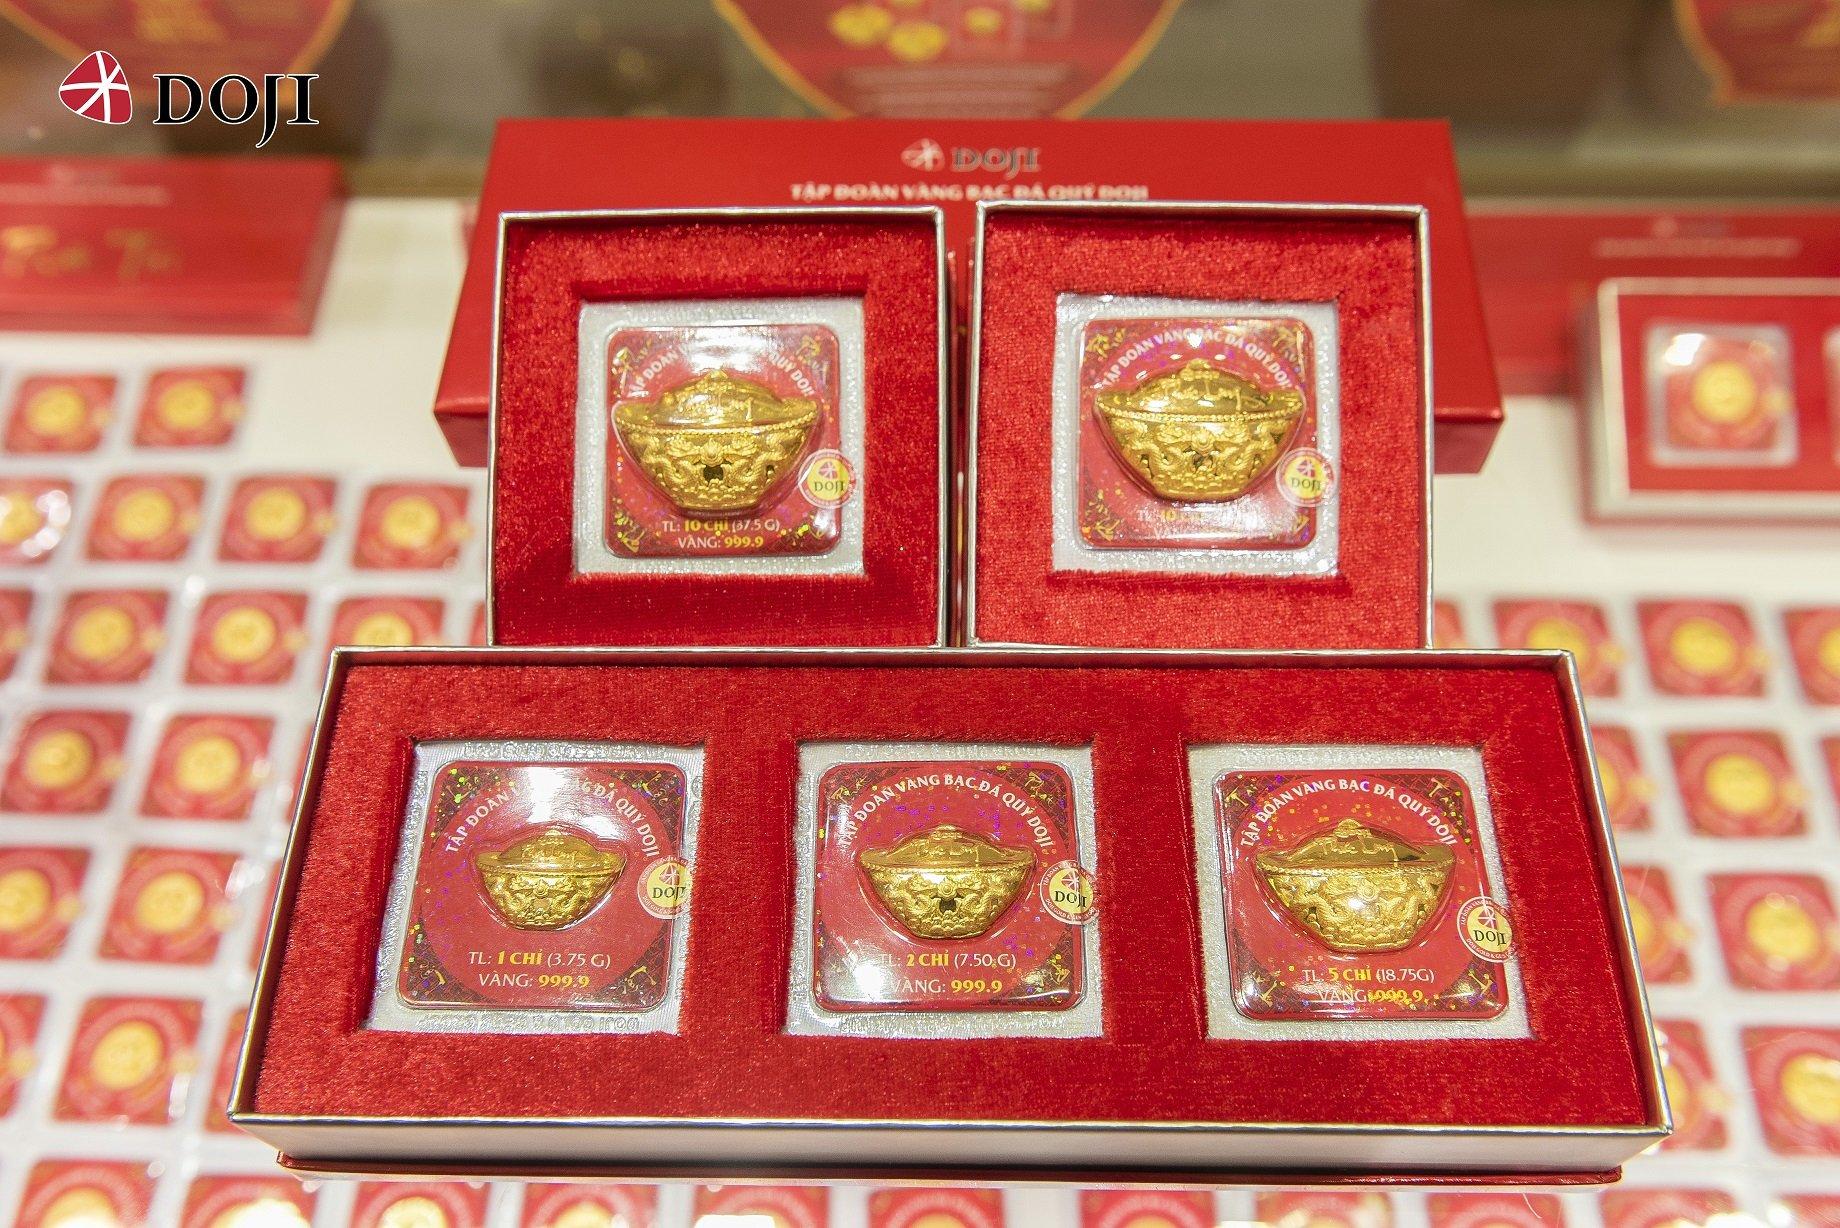 Những sản phẩm vàng độc, lạ dành riêng cho ngày vía Thần Tài 2021 - Ảnh 5.